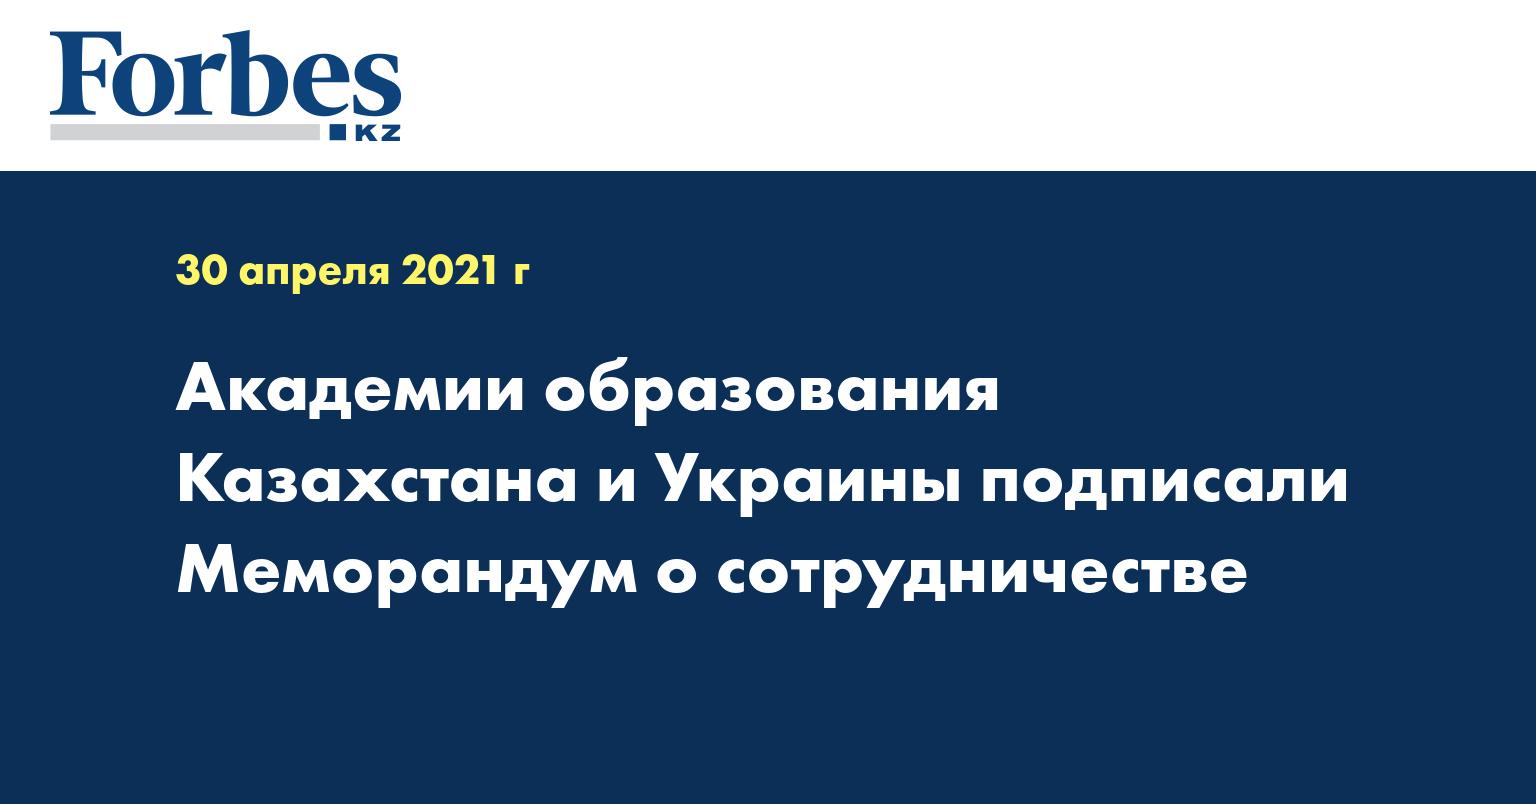 Академии образования Казахстана и Украины подписали меморандум о сотрудничестве